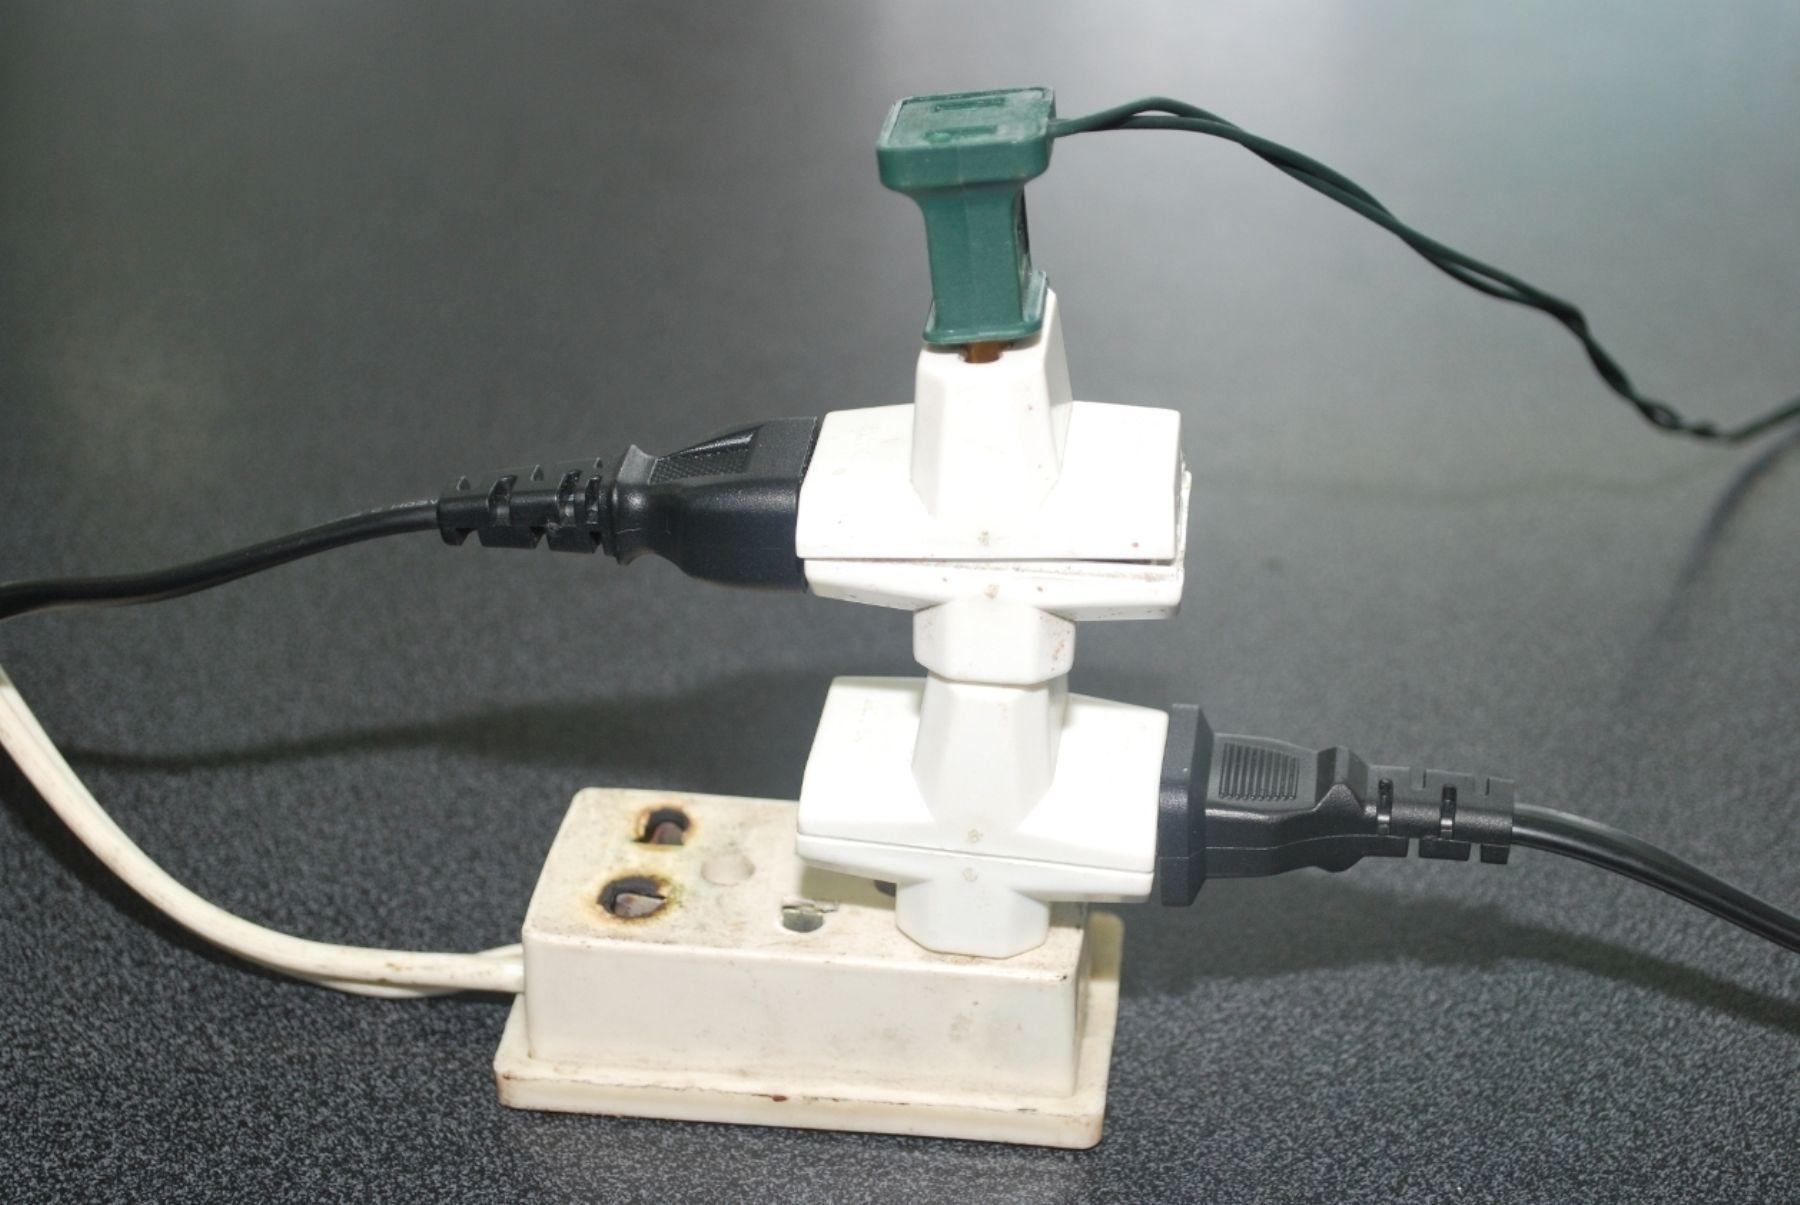 Conectar varios equipos eléctricos en un solo tomacorriente, puede sobrecargar la capacidad del cableado y originar un cortocircuito e incendio. Foto: ANDINA/Difusión